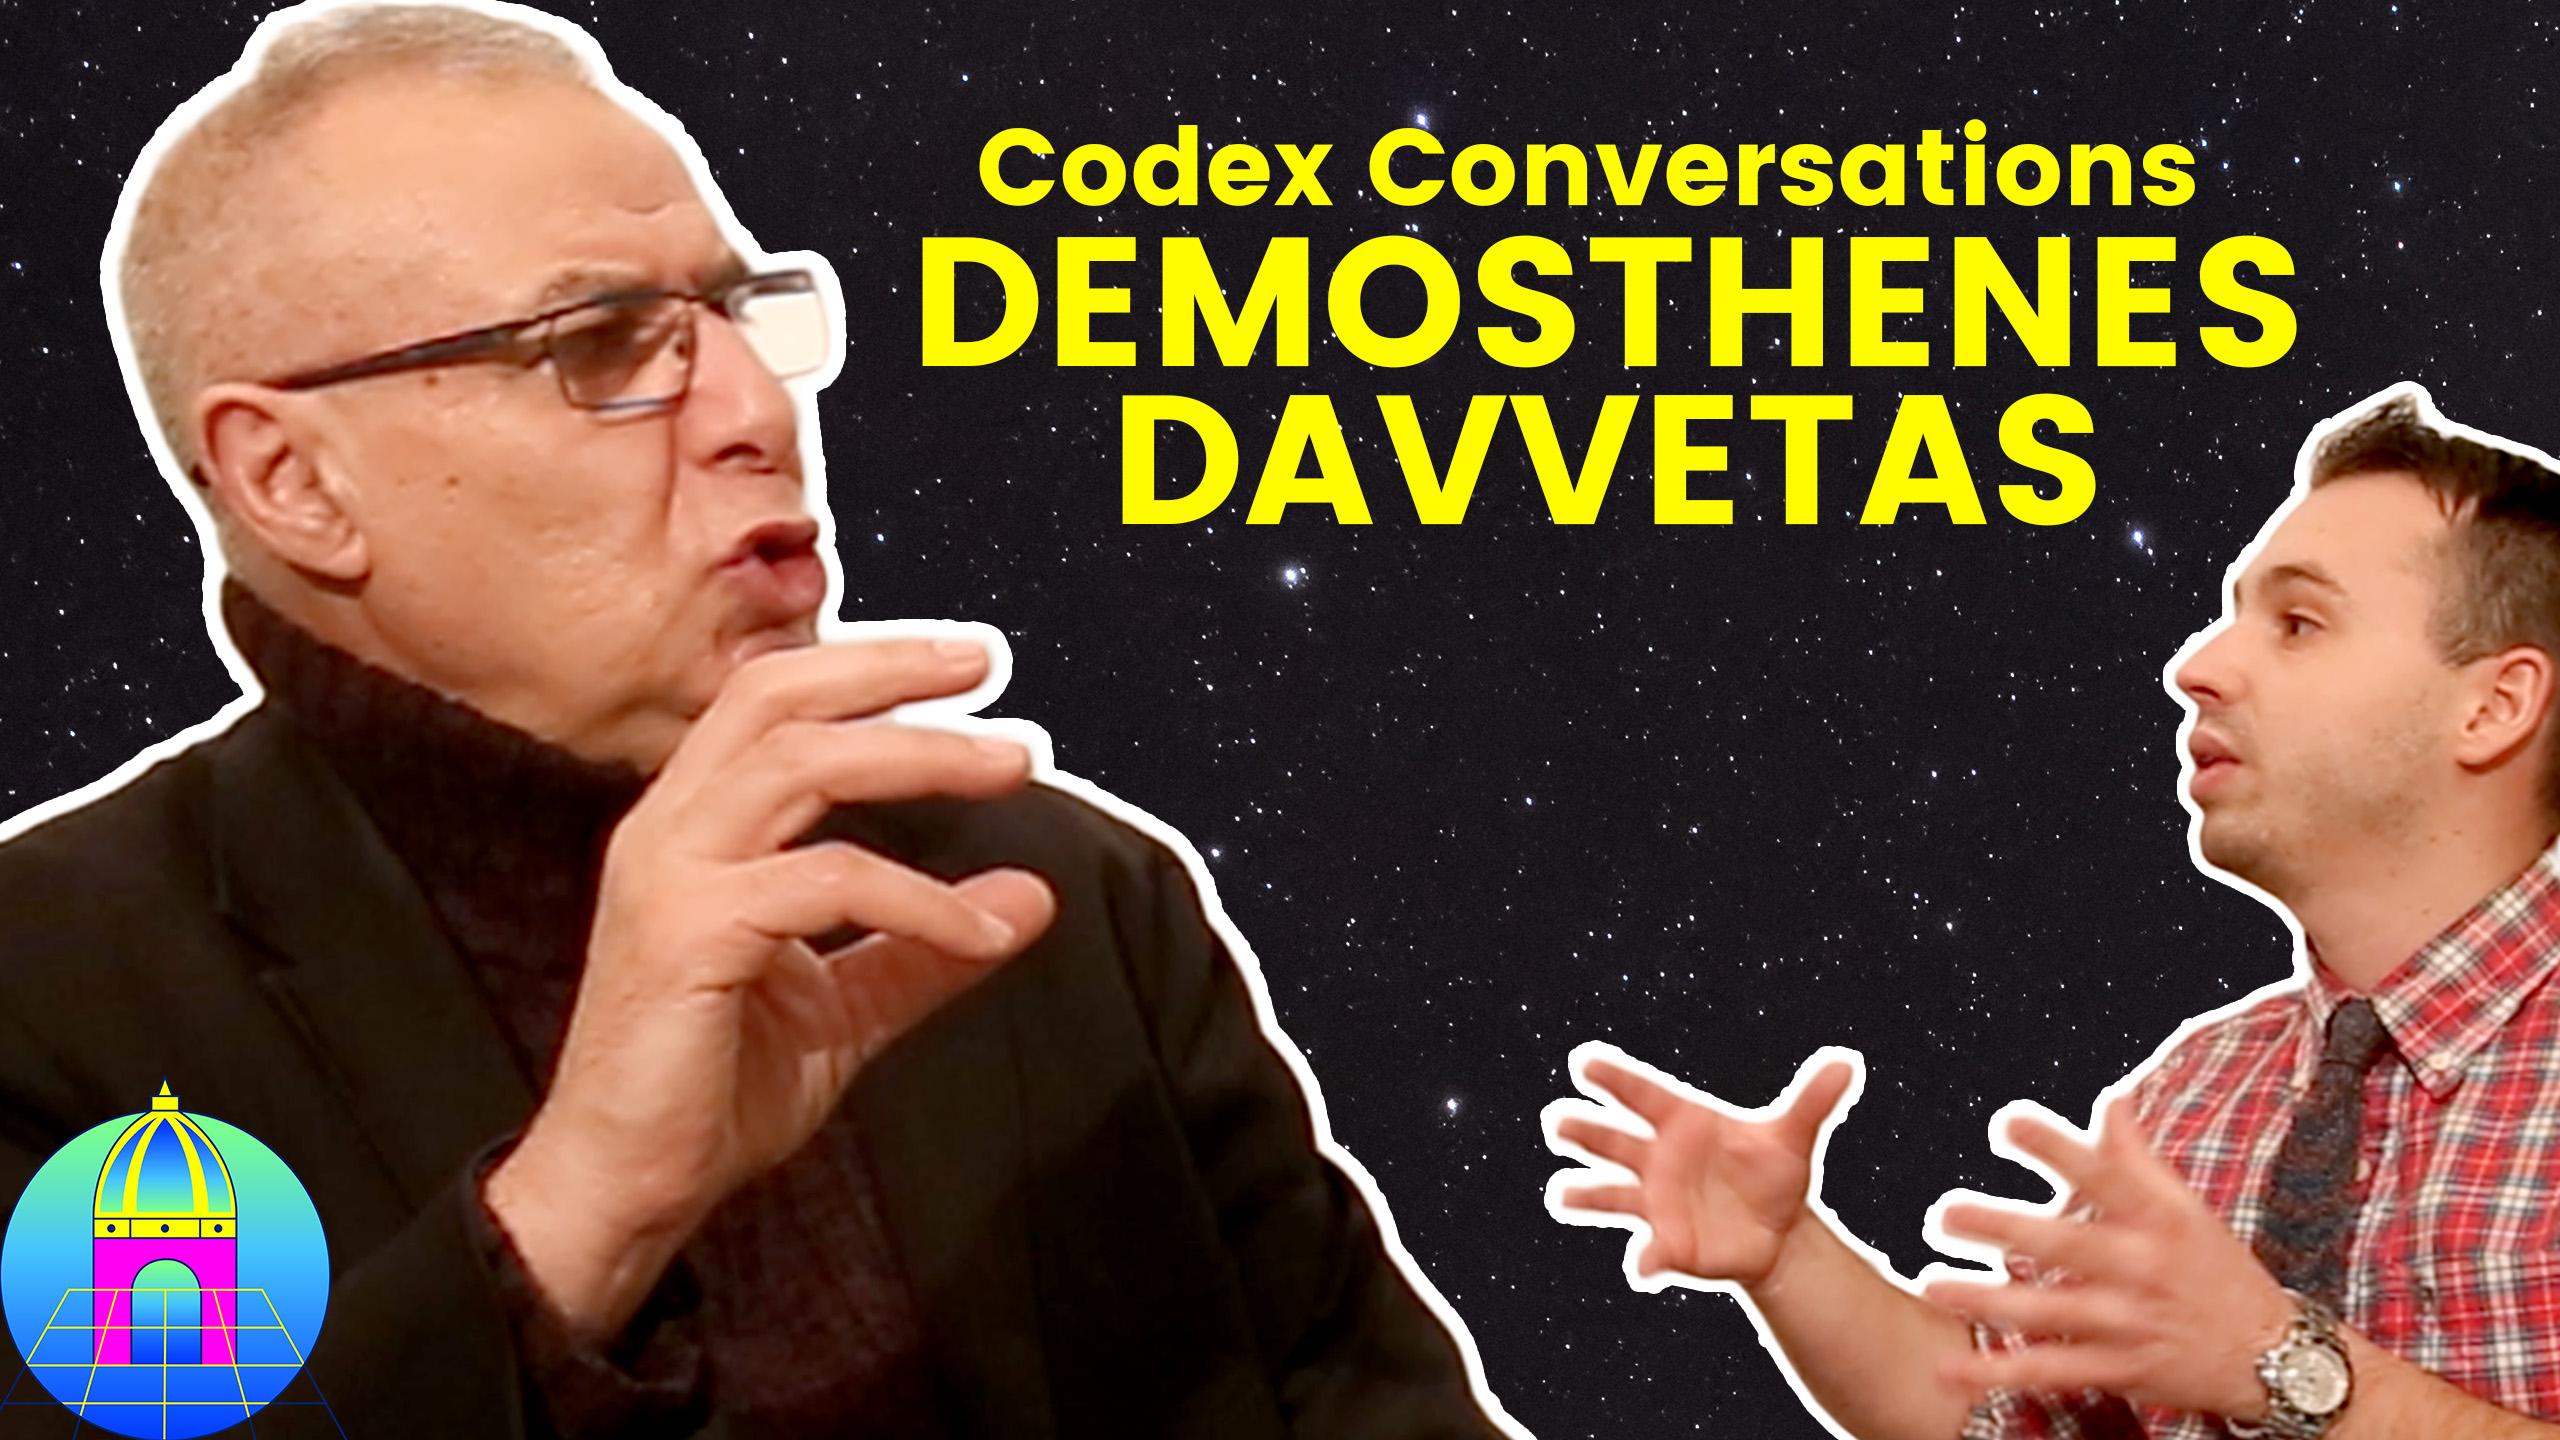 CODEX CONVERSATIONS 01 ✖️ DAVVETAS DÉMOSTHÈNES